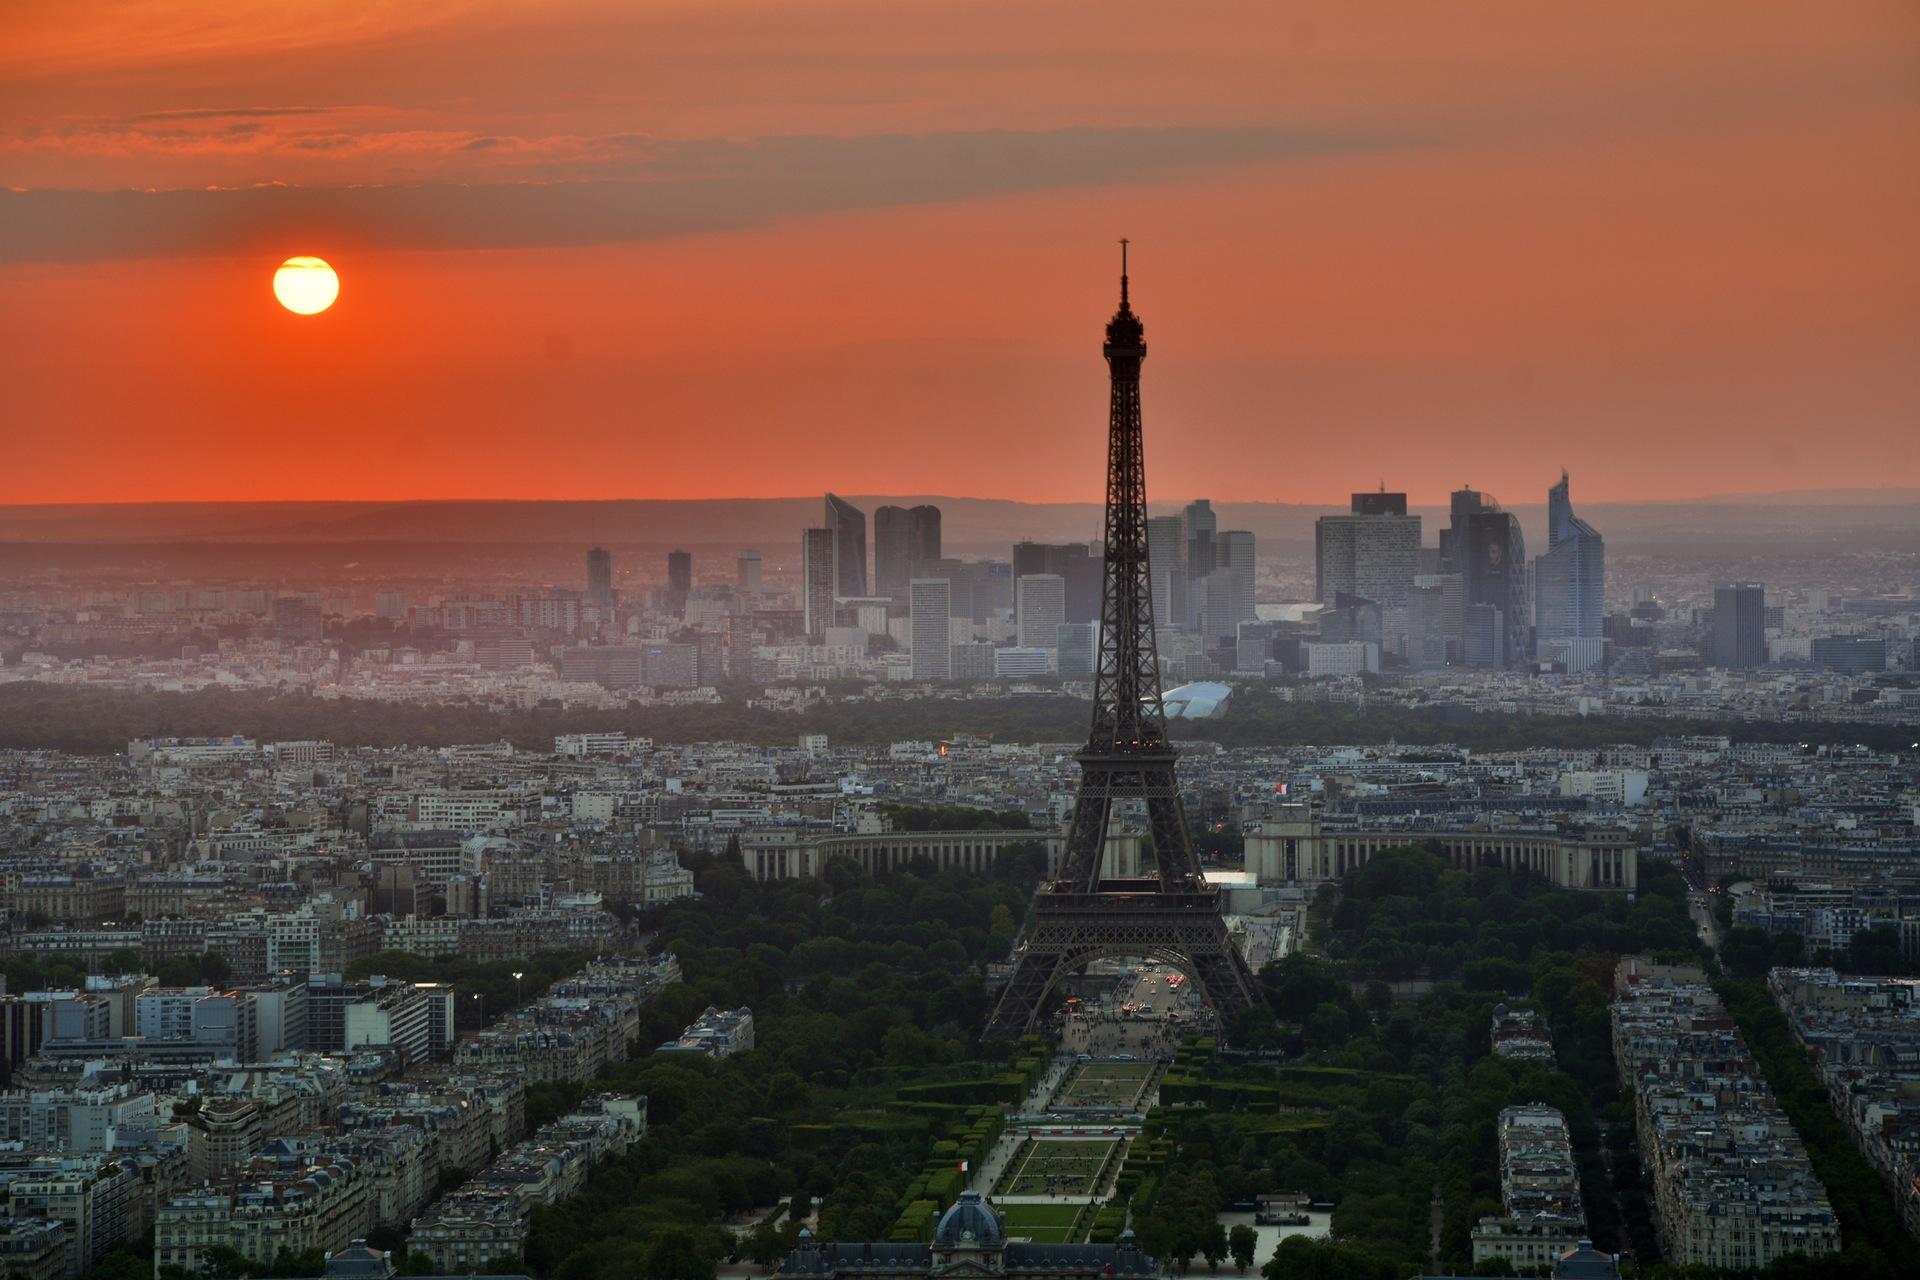 Paris, Tour Eiffel, Sun, Ville, France - Fonds d'écran HD - Professor-falken.com